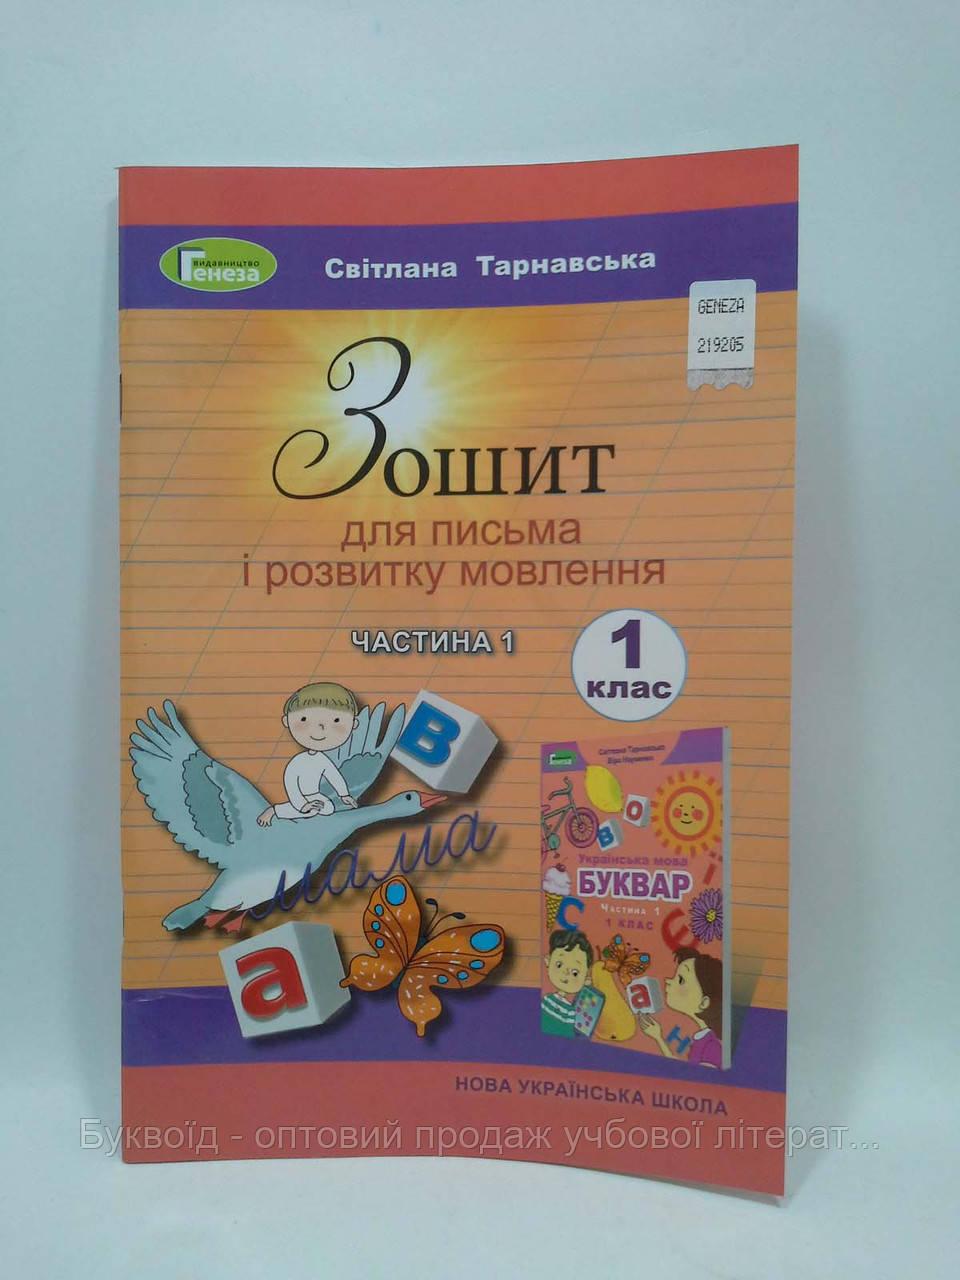 Українська мова 1 клас Зошит для письма і розвитку мовлення Частина 1 Тарнавська Генеза ISBN 978-966-11-0927-7